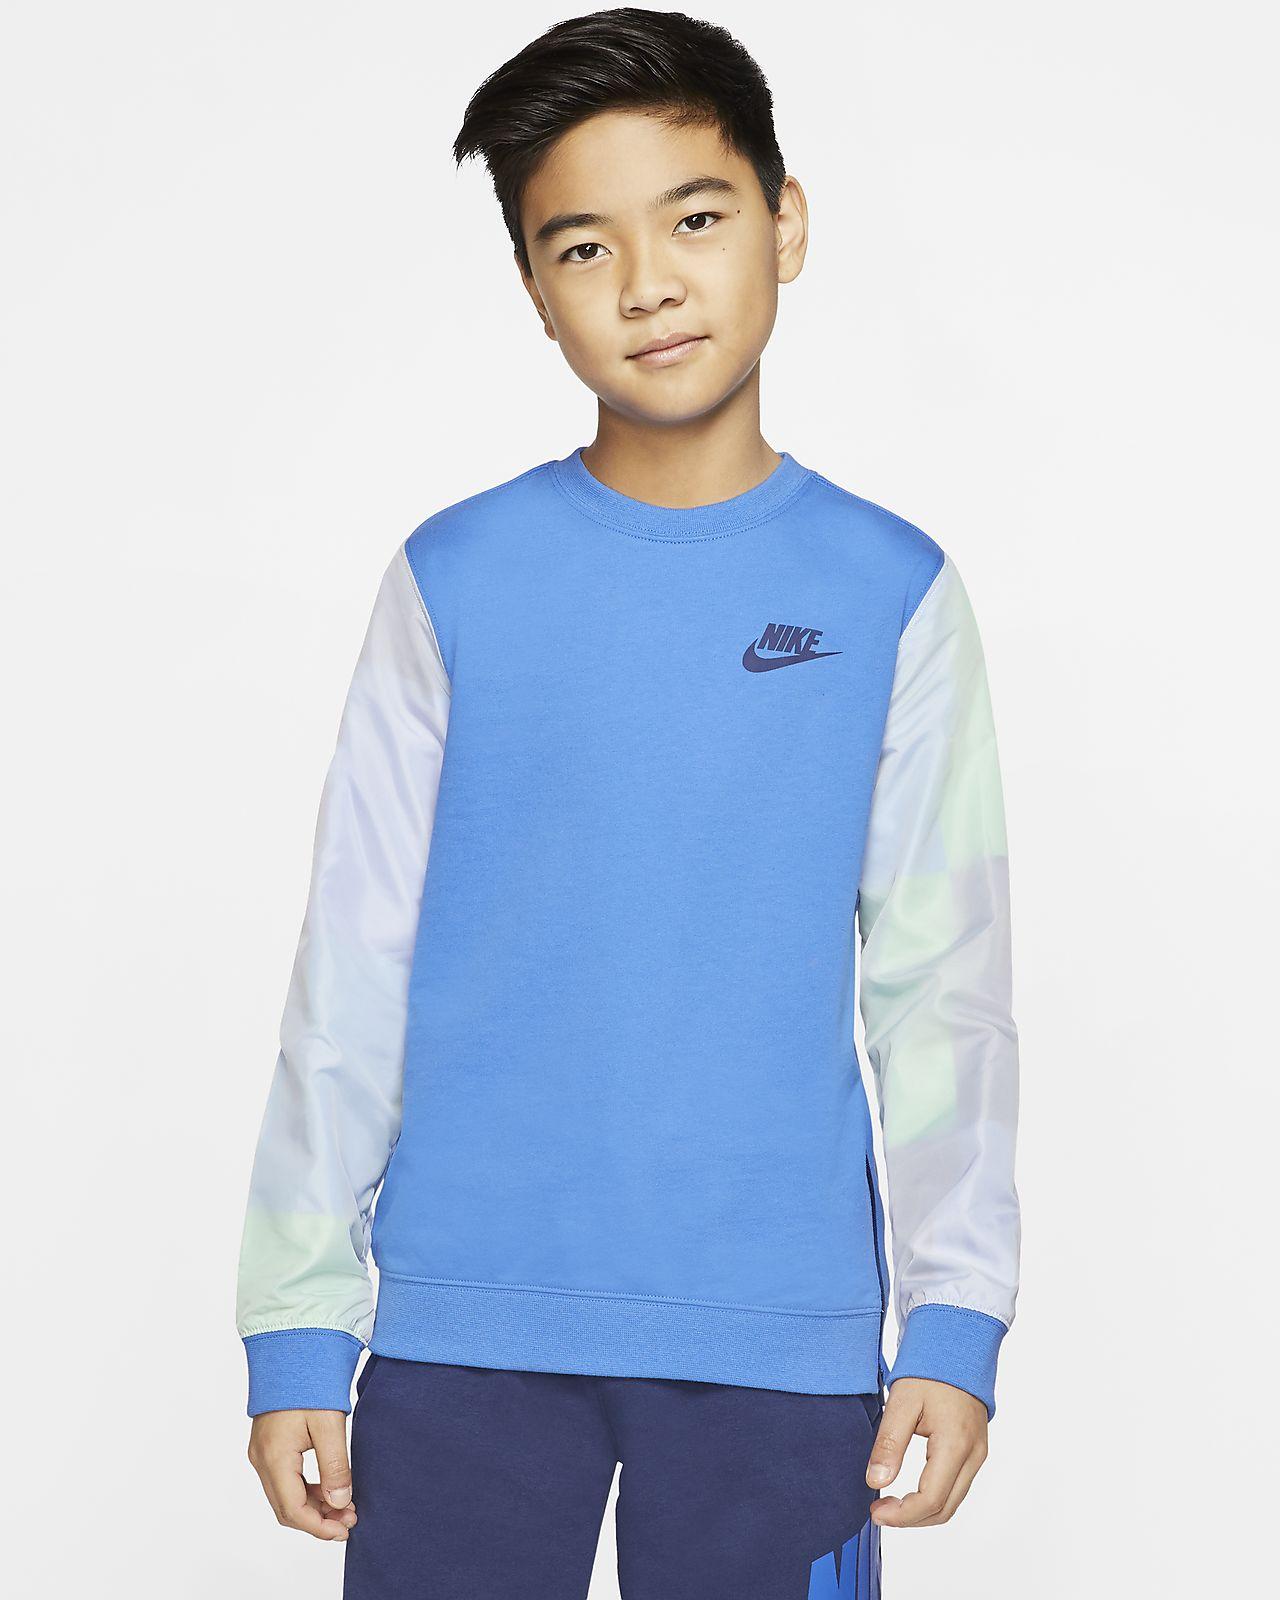 Nike Sportswear Older Kids' (Boys') Crew